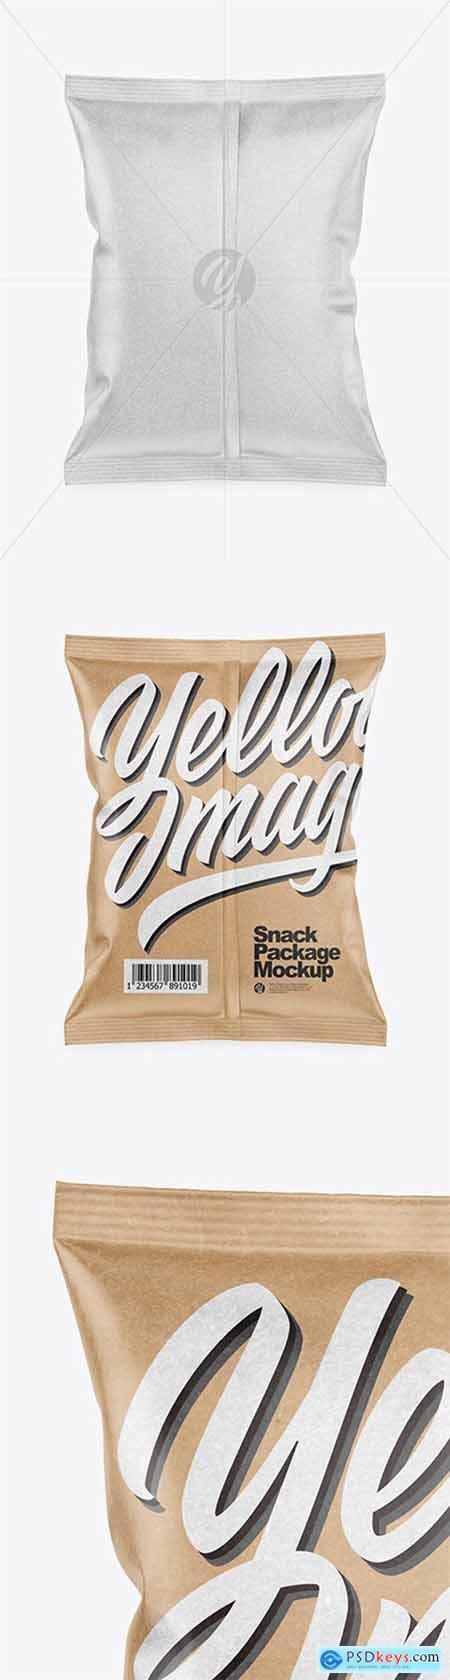 Kraft Snack Package Mockup - Back View 51959